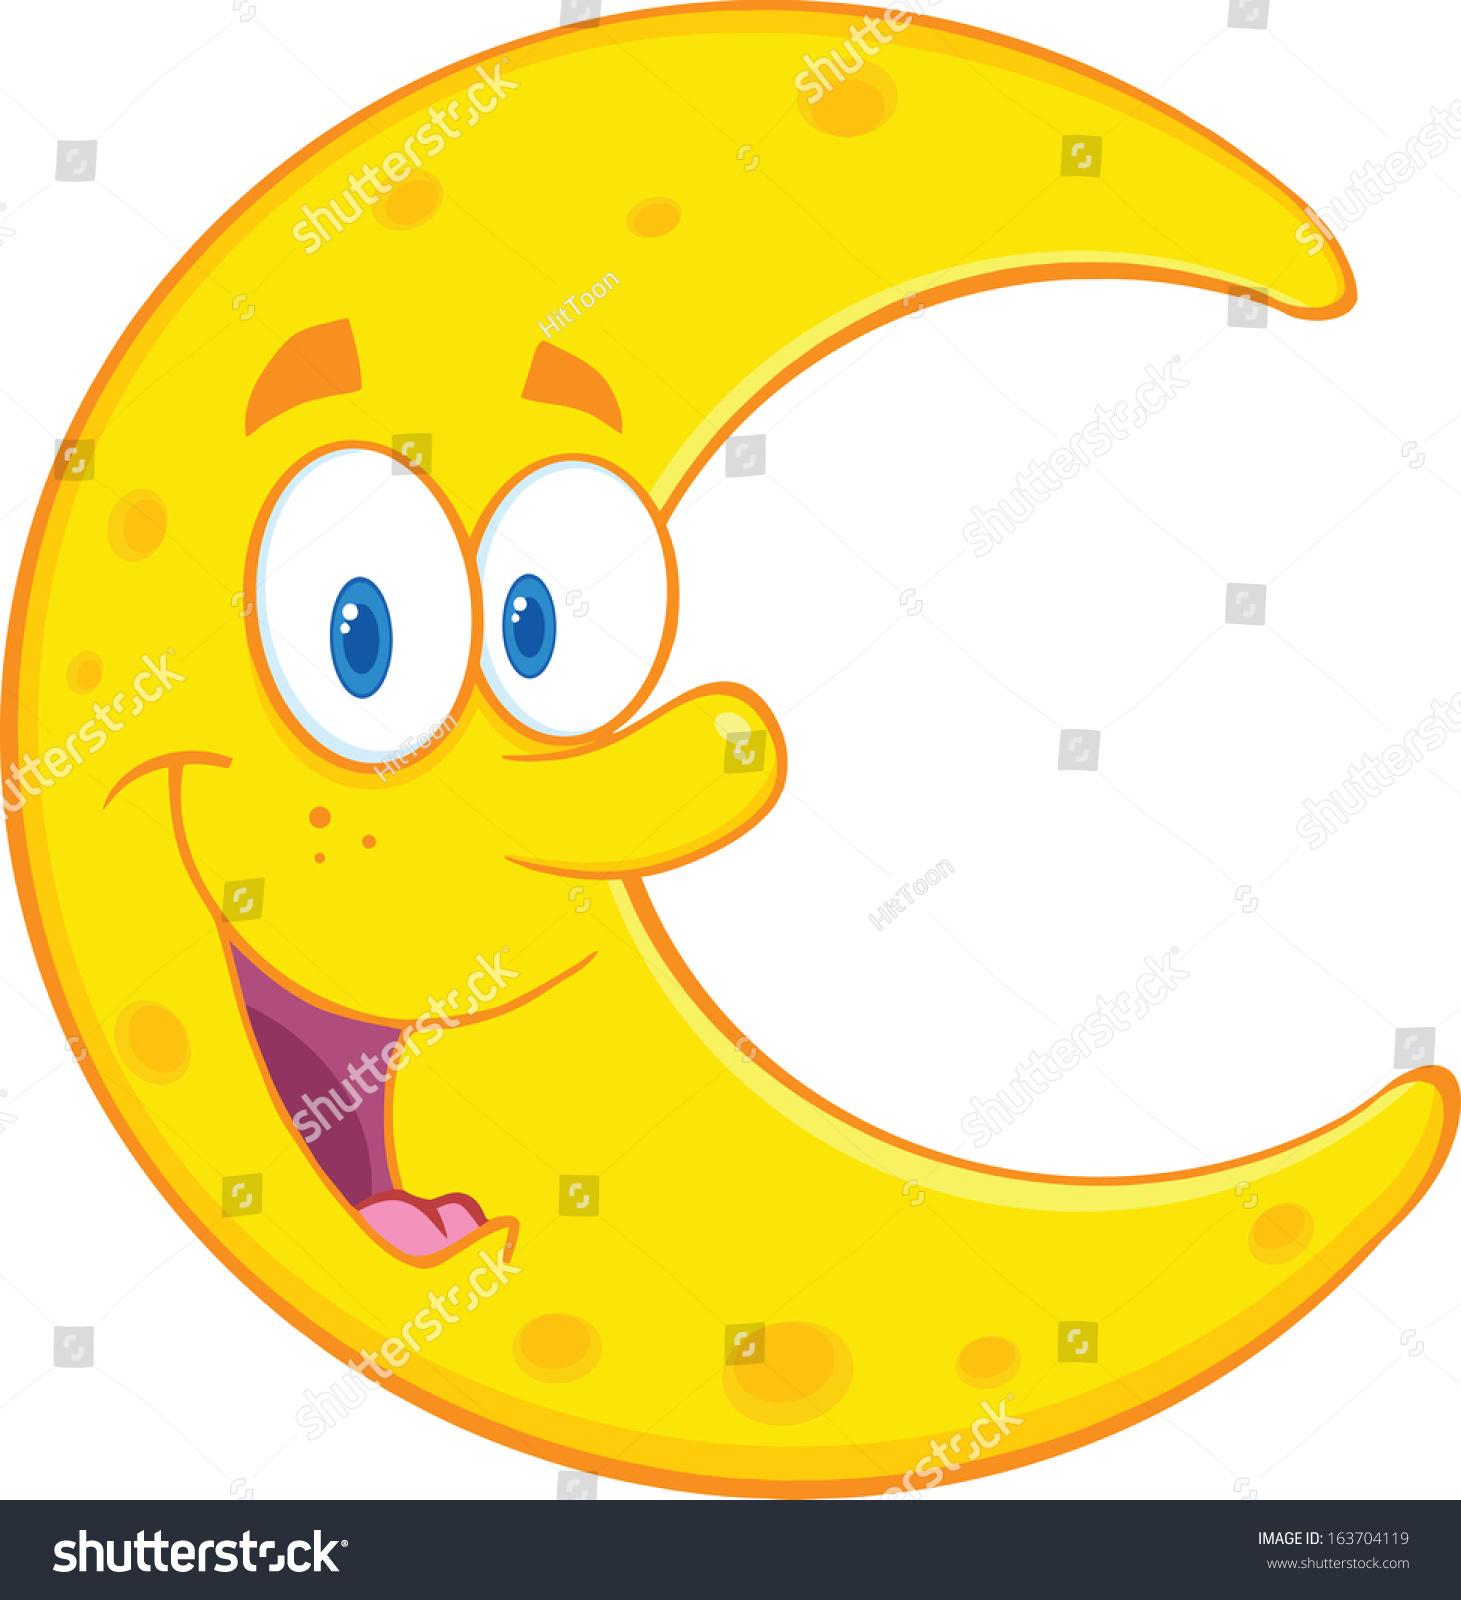 微笑的月亮卡通吉祥物的性格.矢量插图孤立在白色的